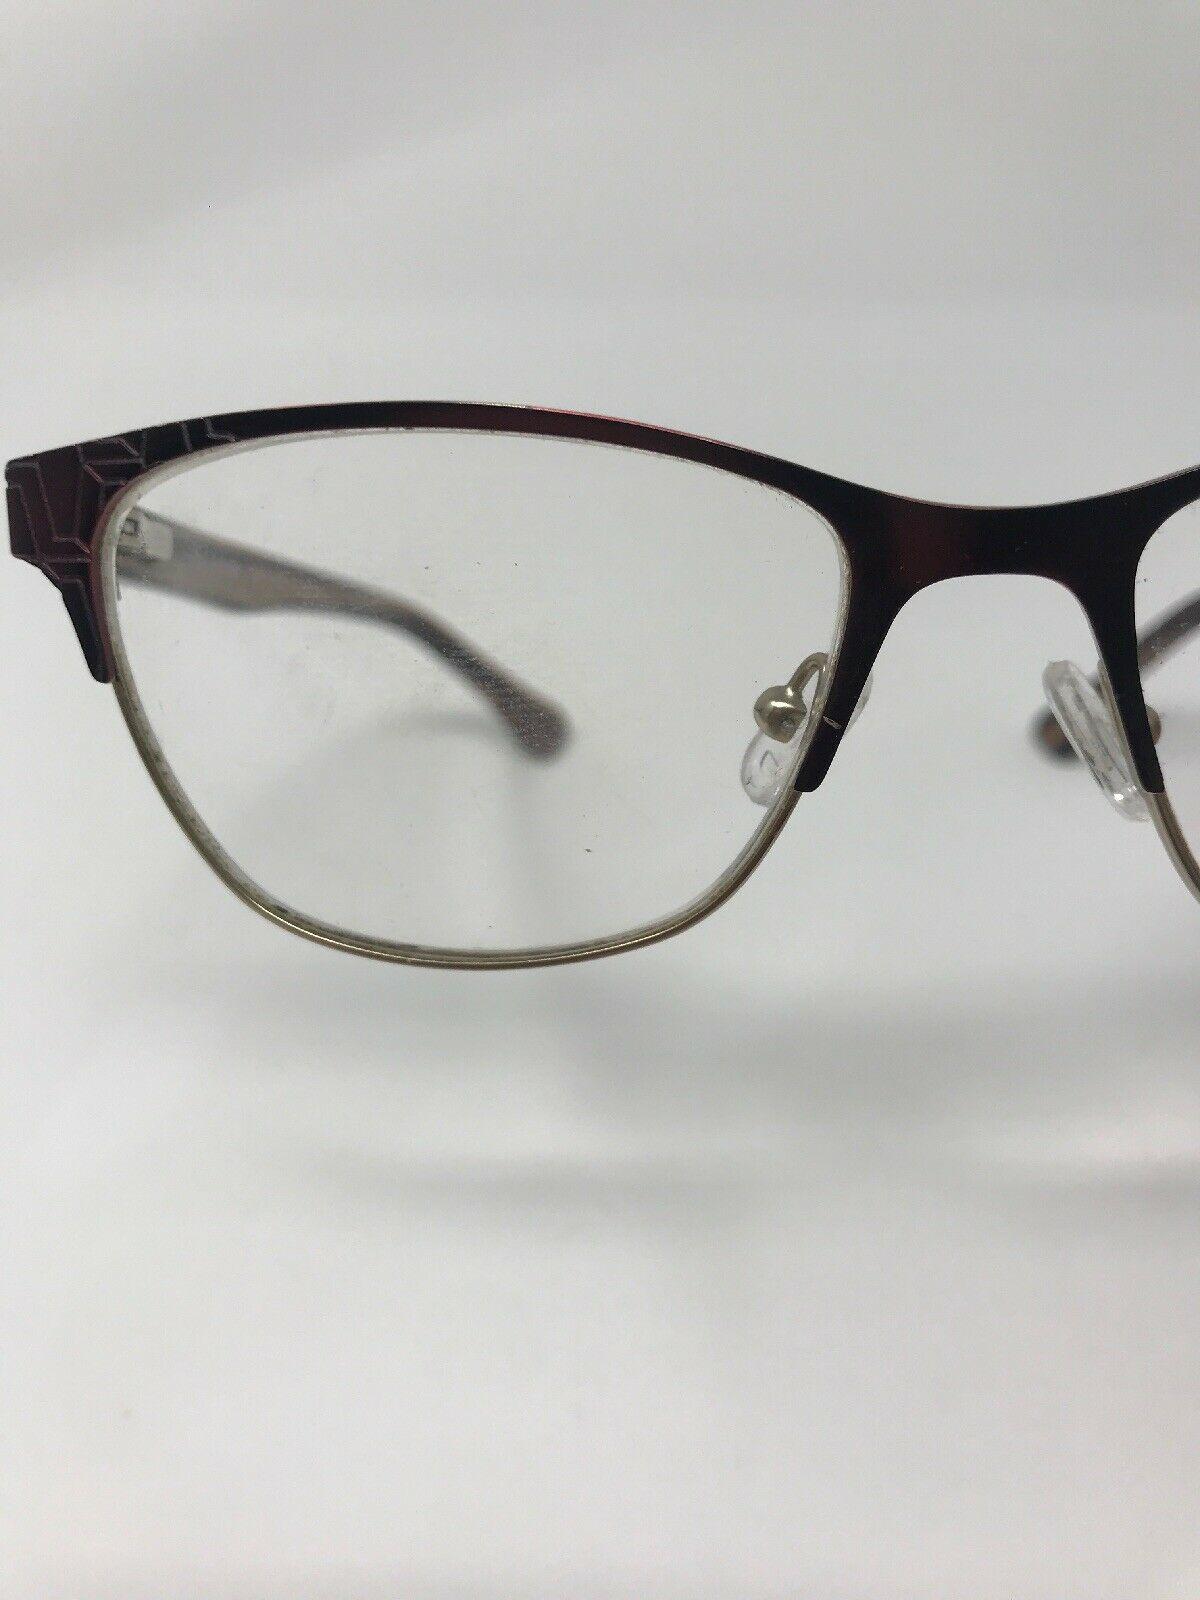 CALVIN KLEIN Eyeglasses Frame CK5413 604 52-17-135 Burgundy/Gold HG76